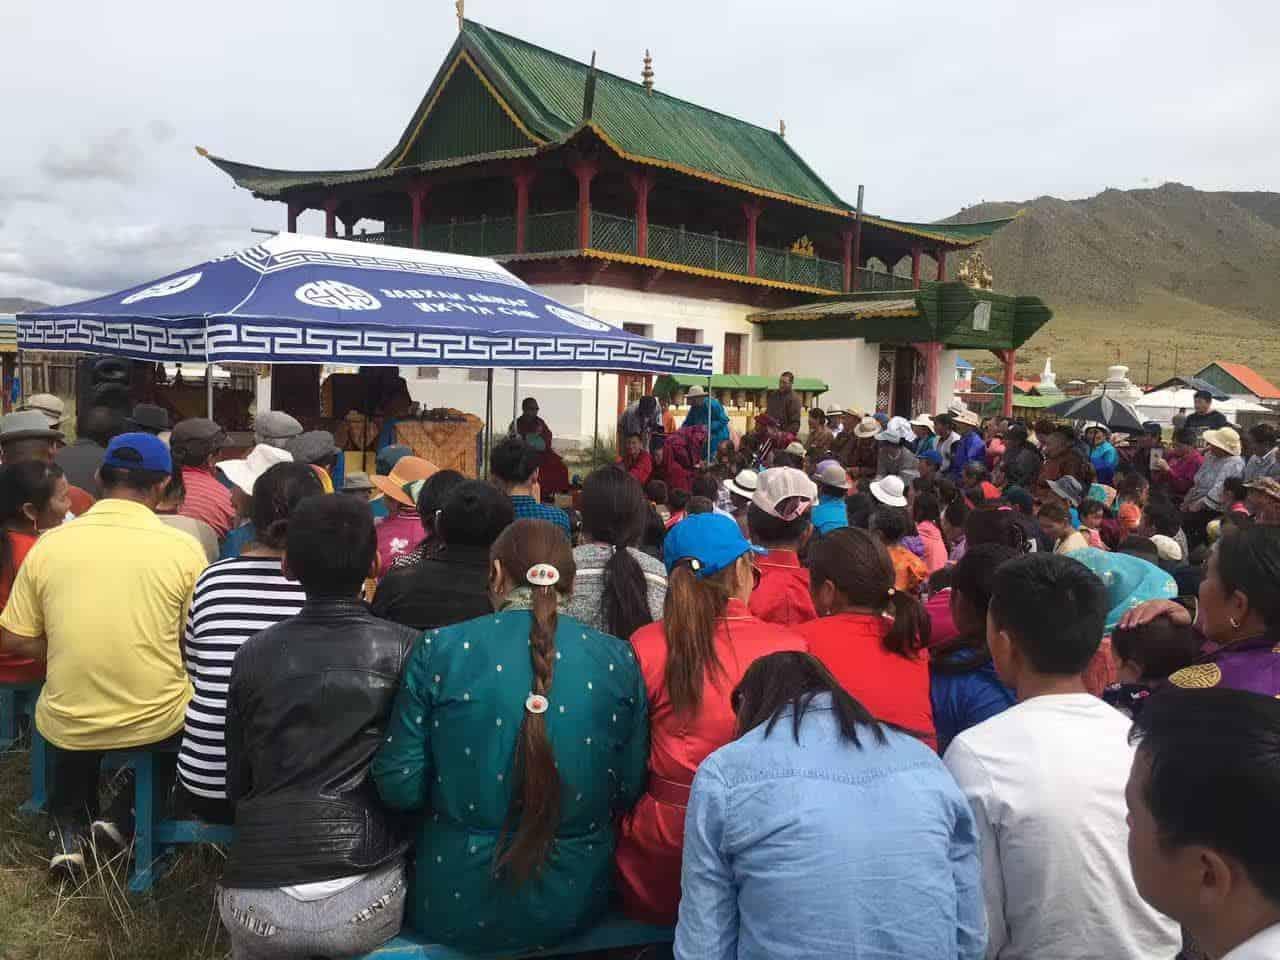 gosok-rinpoche-mongolia-2016-0a08c0252c501824dc174e1831734a4